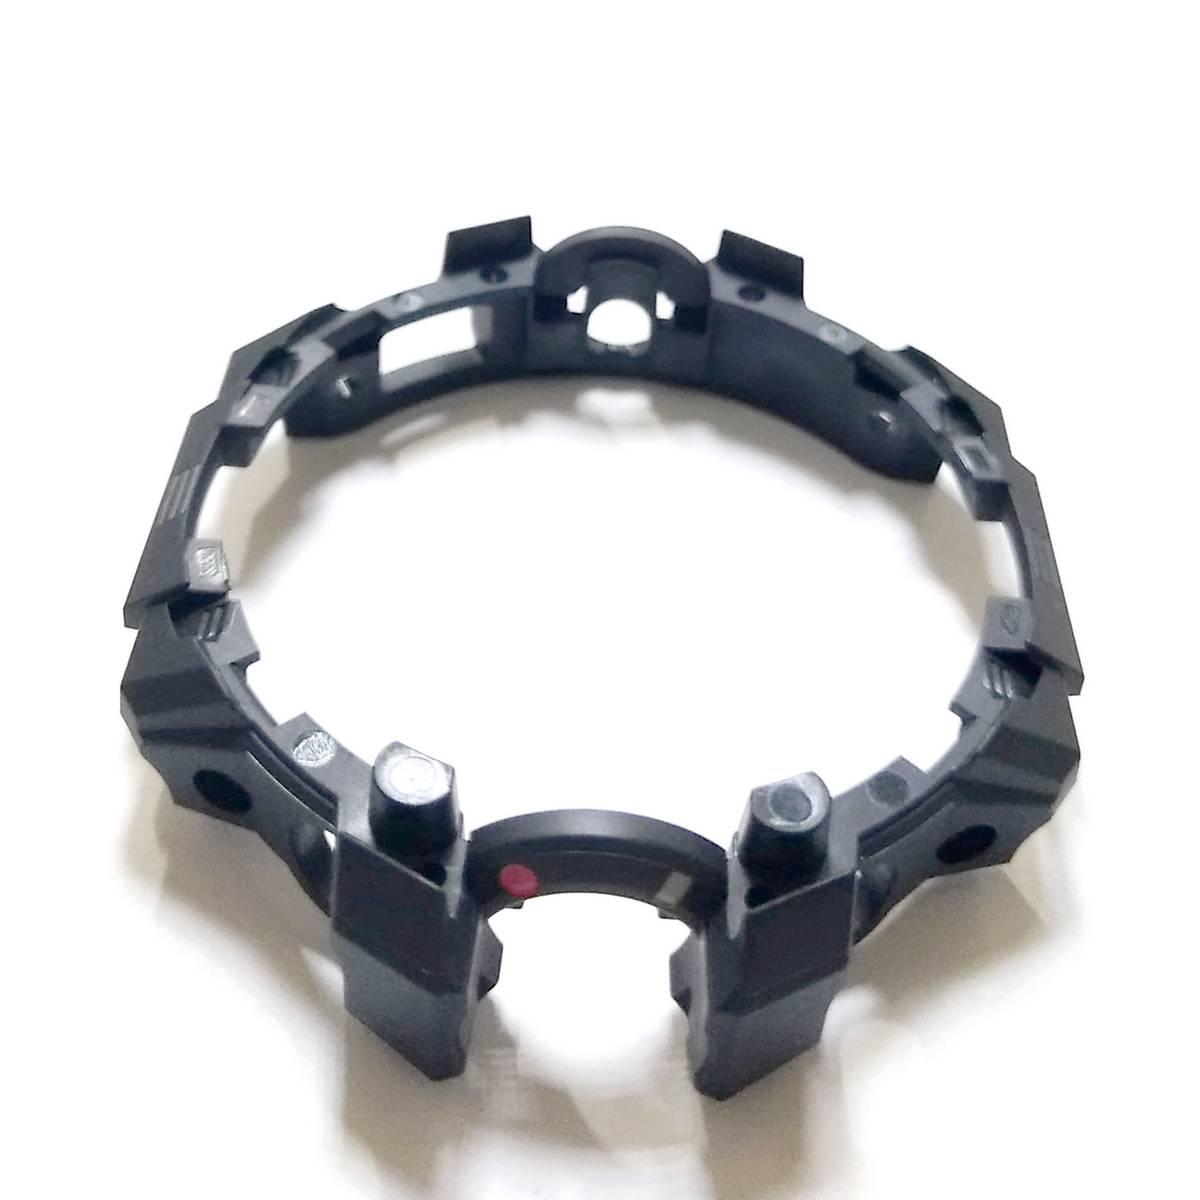 Bezel Inferior GW-A1000 Casio G-Shock Resina Preta   - E-Presentes